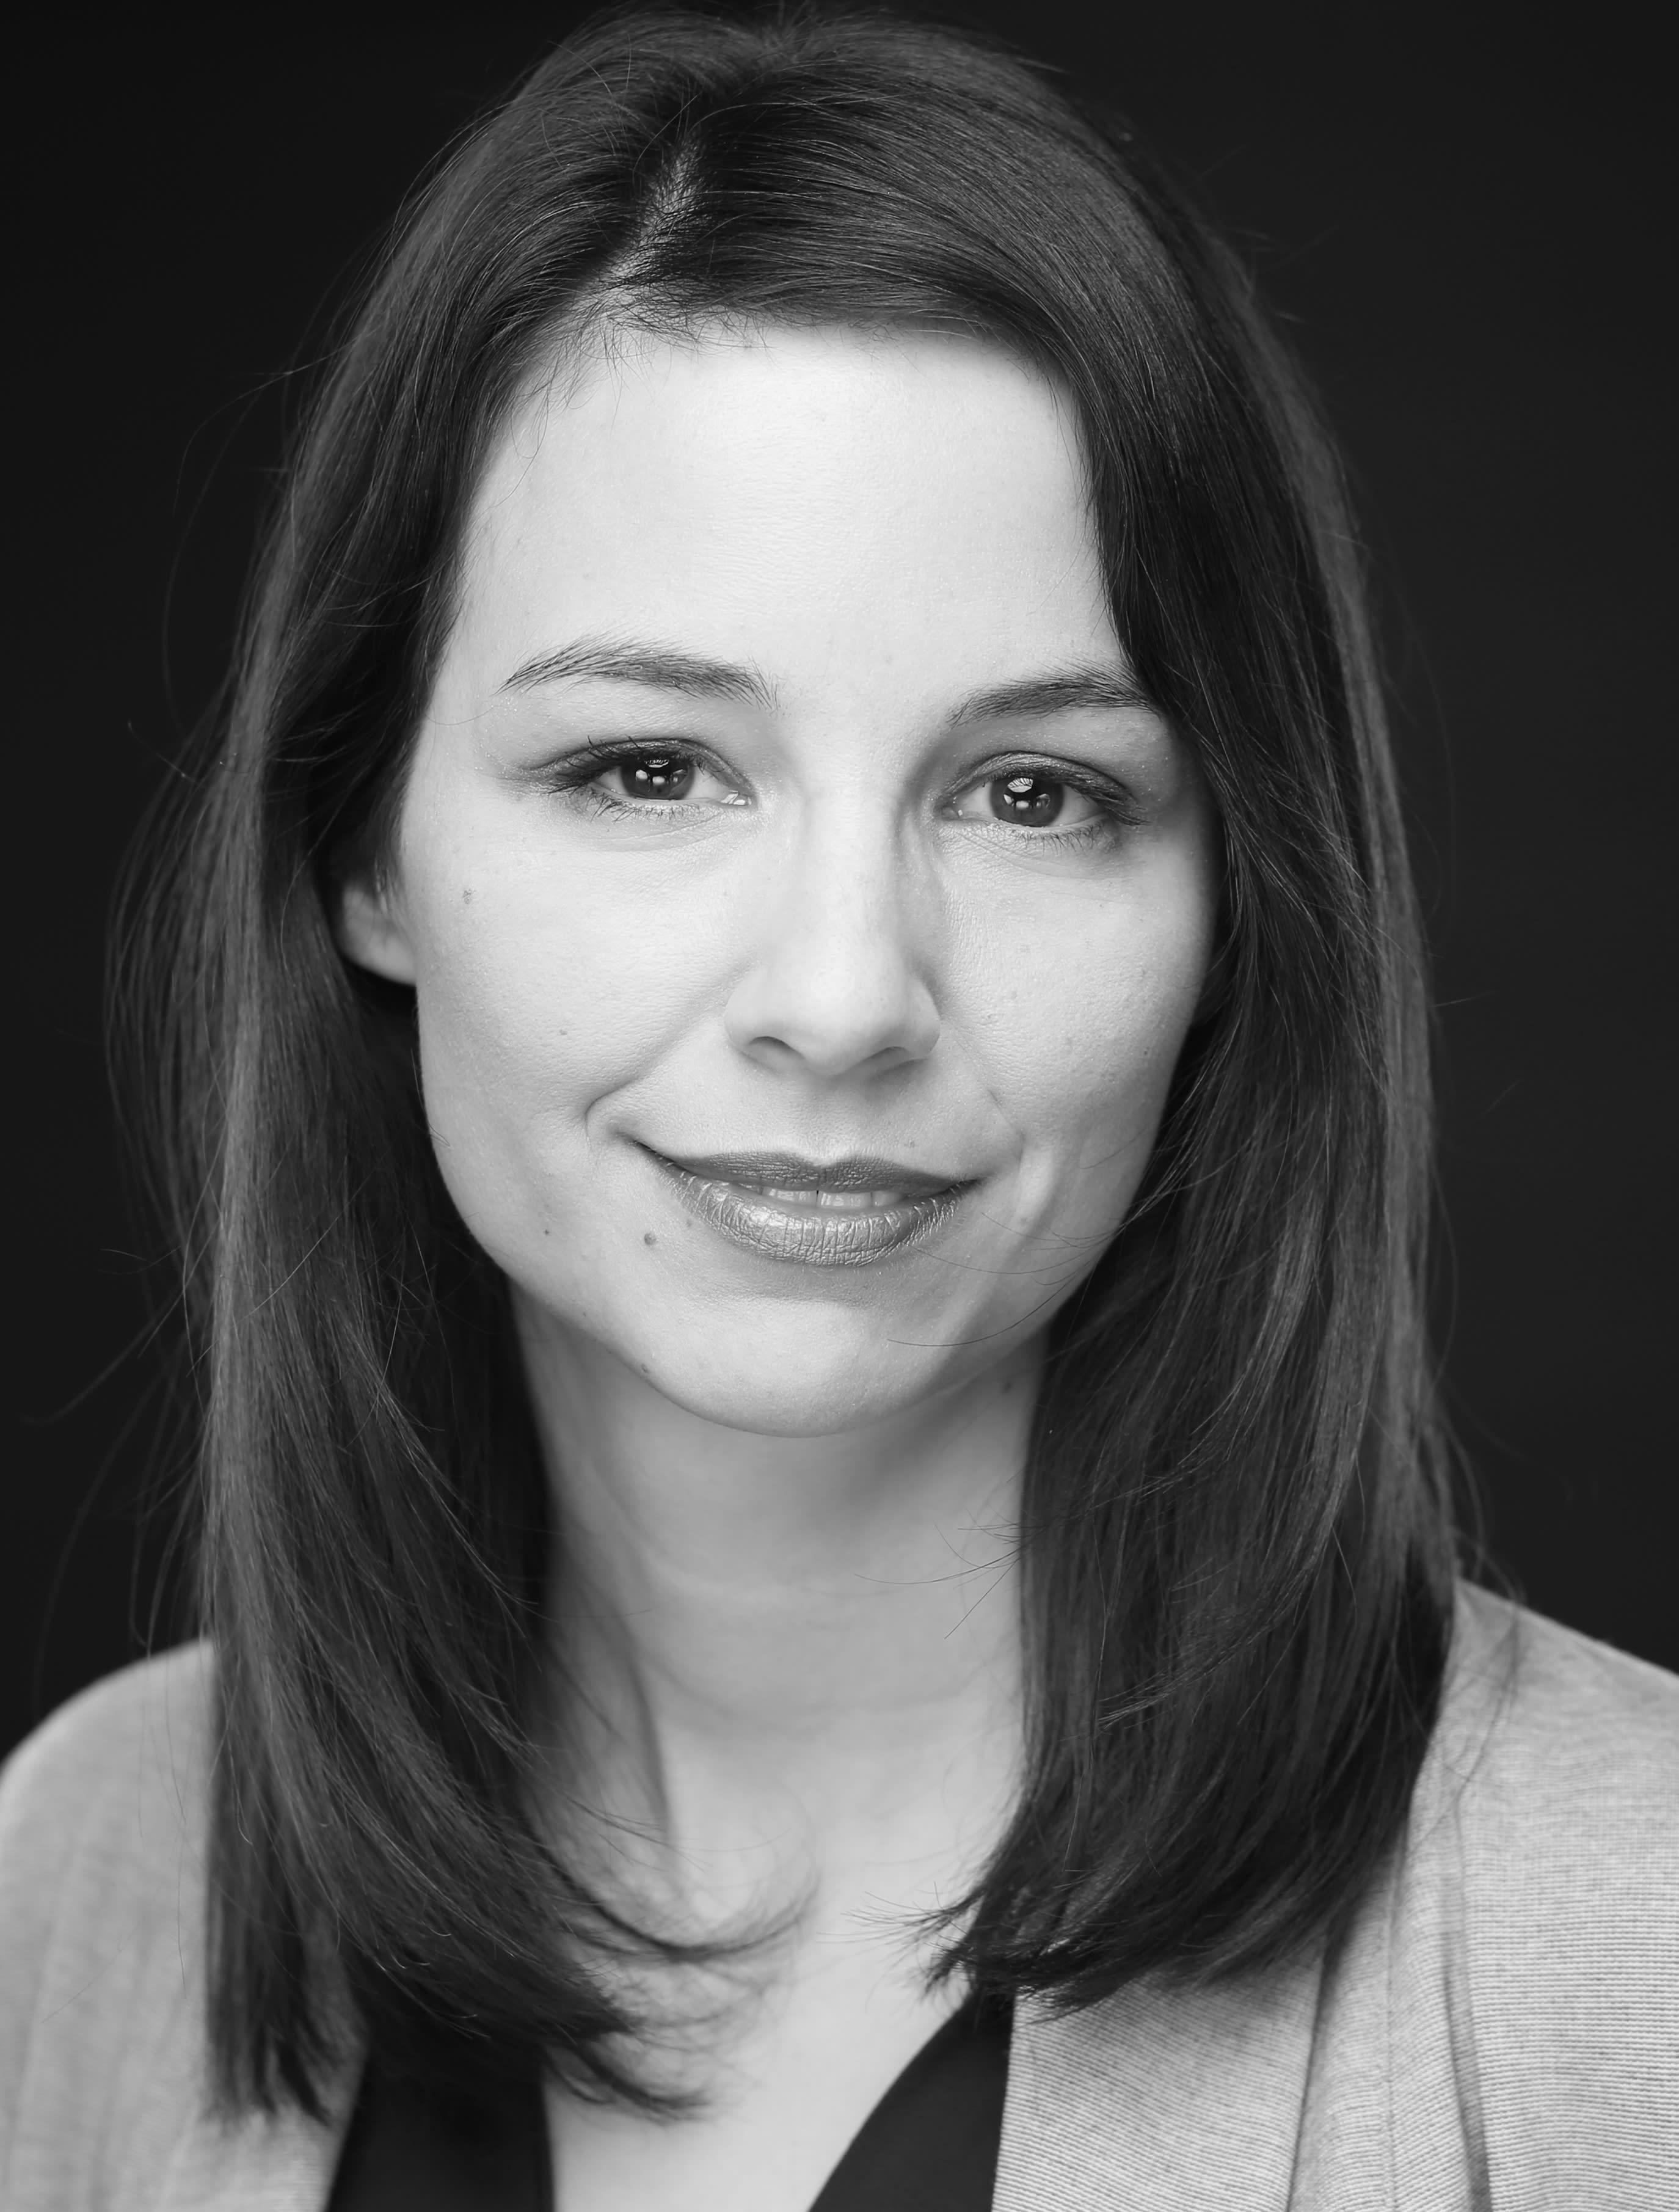 Theresa Schnedermann